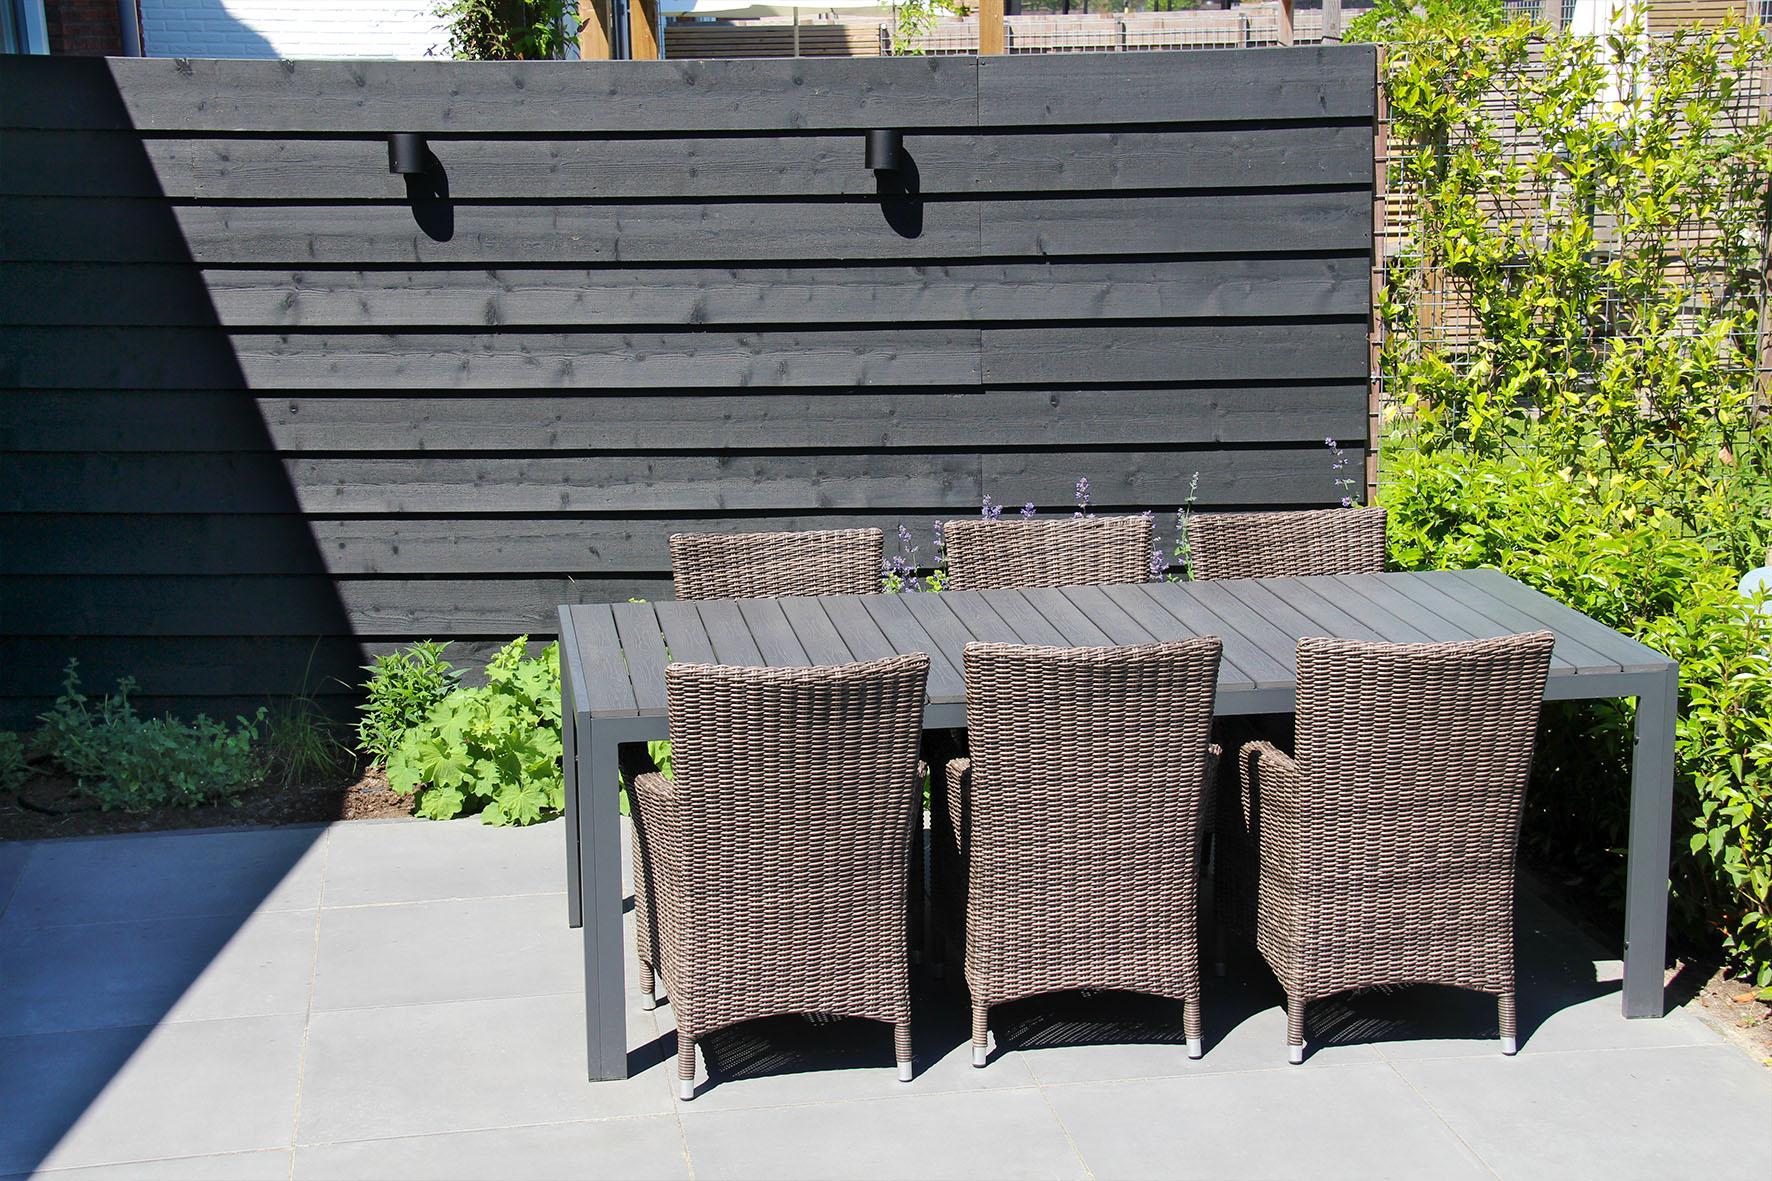 Een gezinstuin in Vleuten met keramische tegels en gepotdekseld rabat schermen - Zwart gedompeld Zweeds Rabat schuttingen